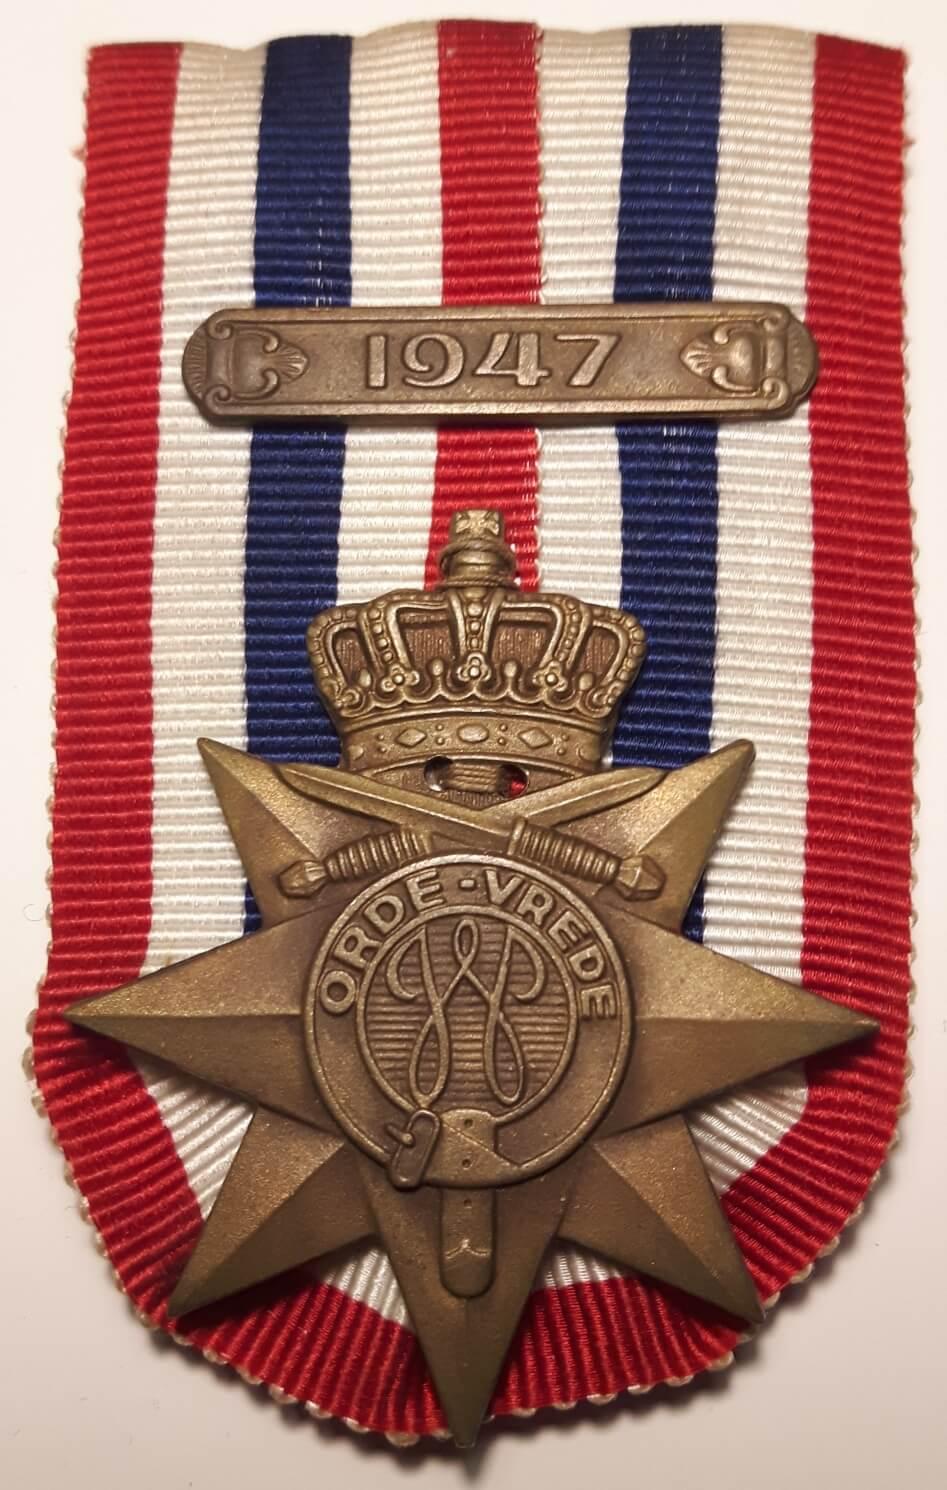 orde en vrede onderscheiding